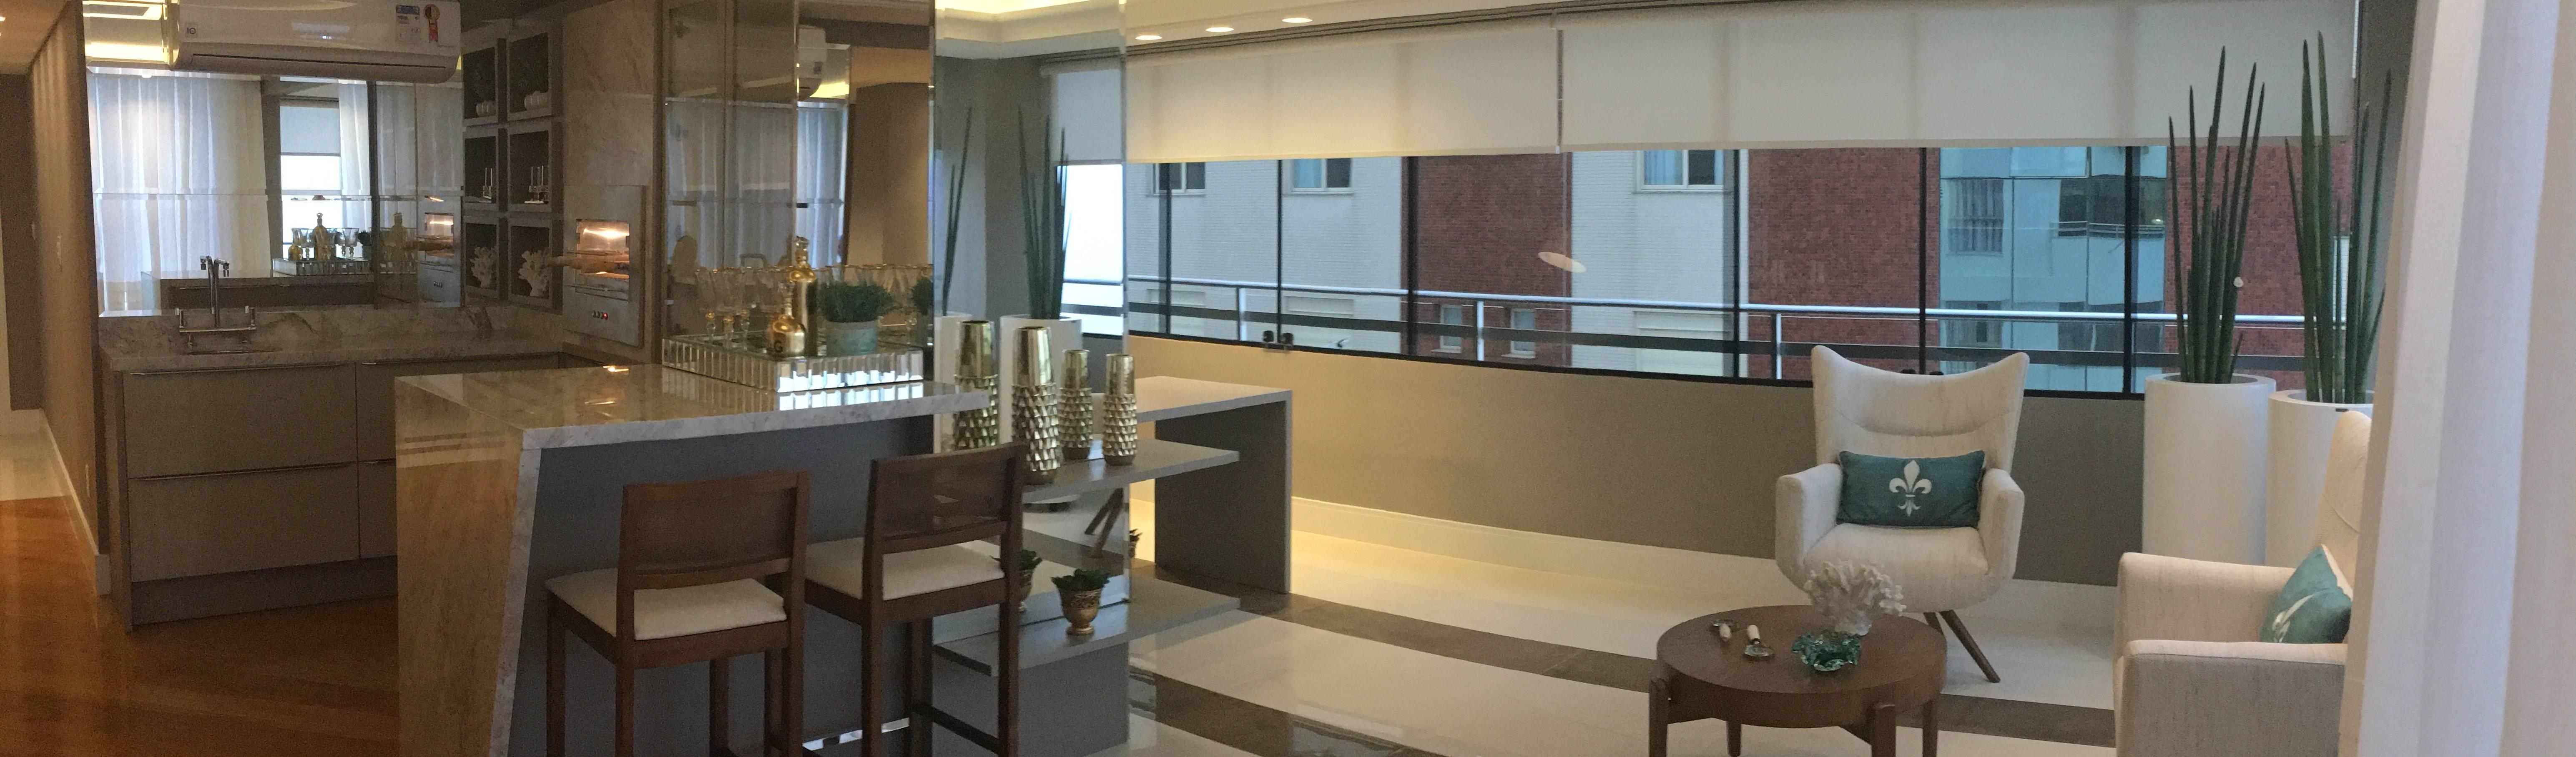 KOSH Arquitetura & Interiores